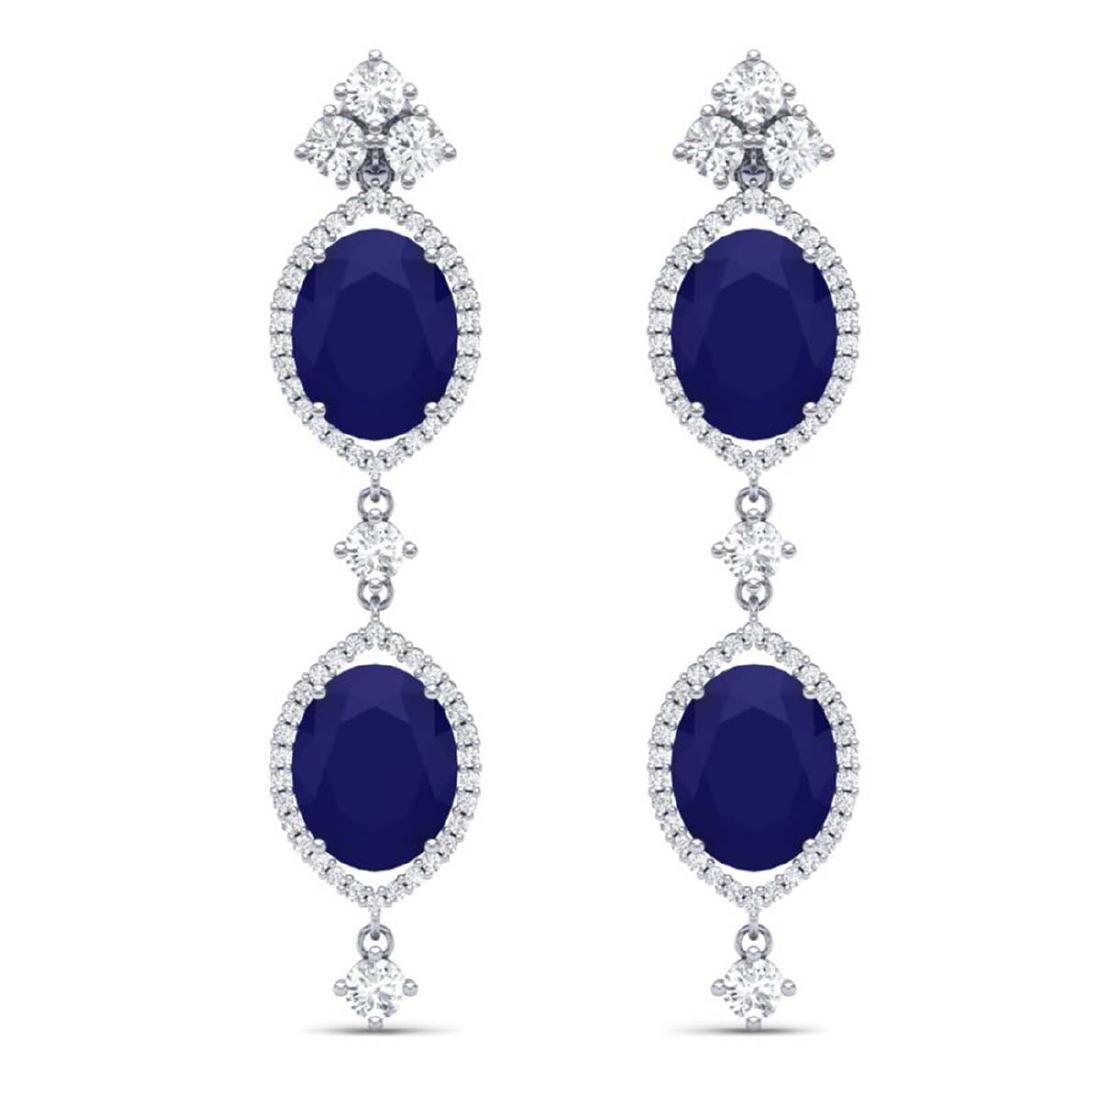 15.81 ctw Sapphire & VS Diamond Earrings 18K White Gold